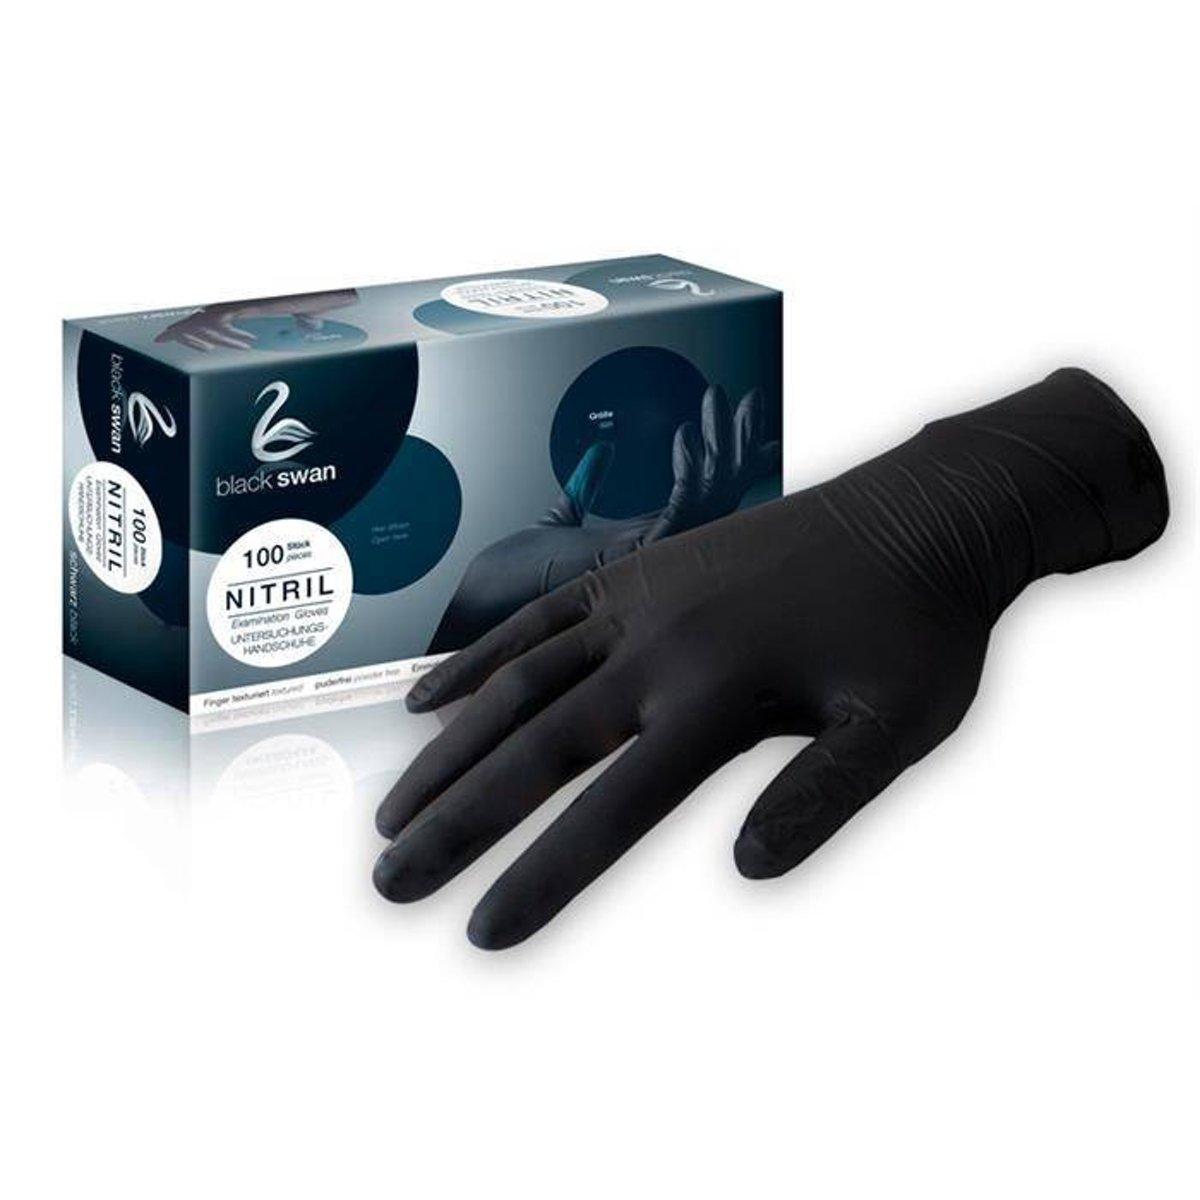 Nitril Handschoenen, Zwart 100 st, maat: XL kopen